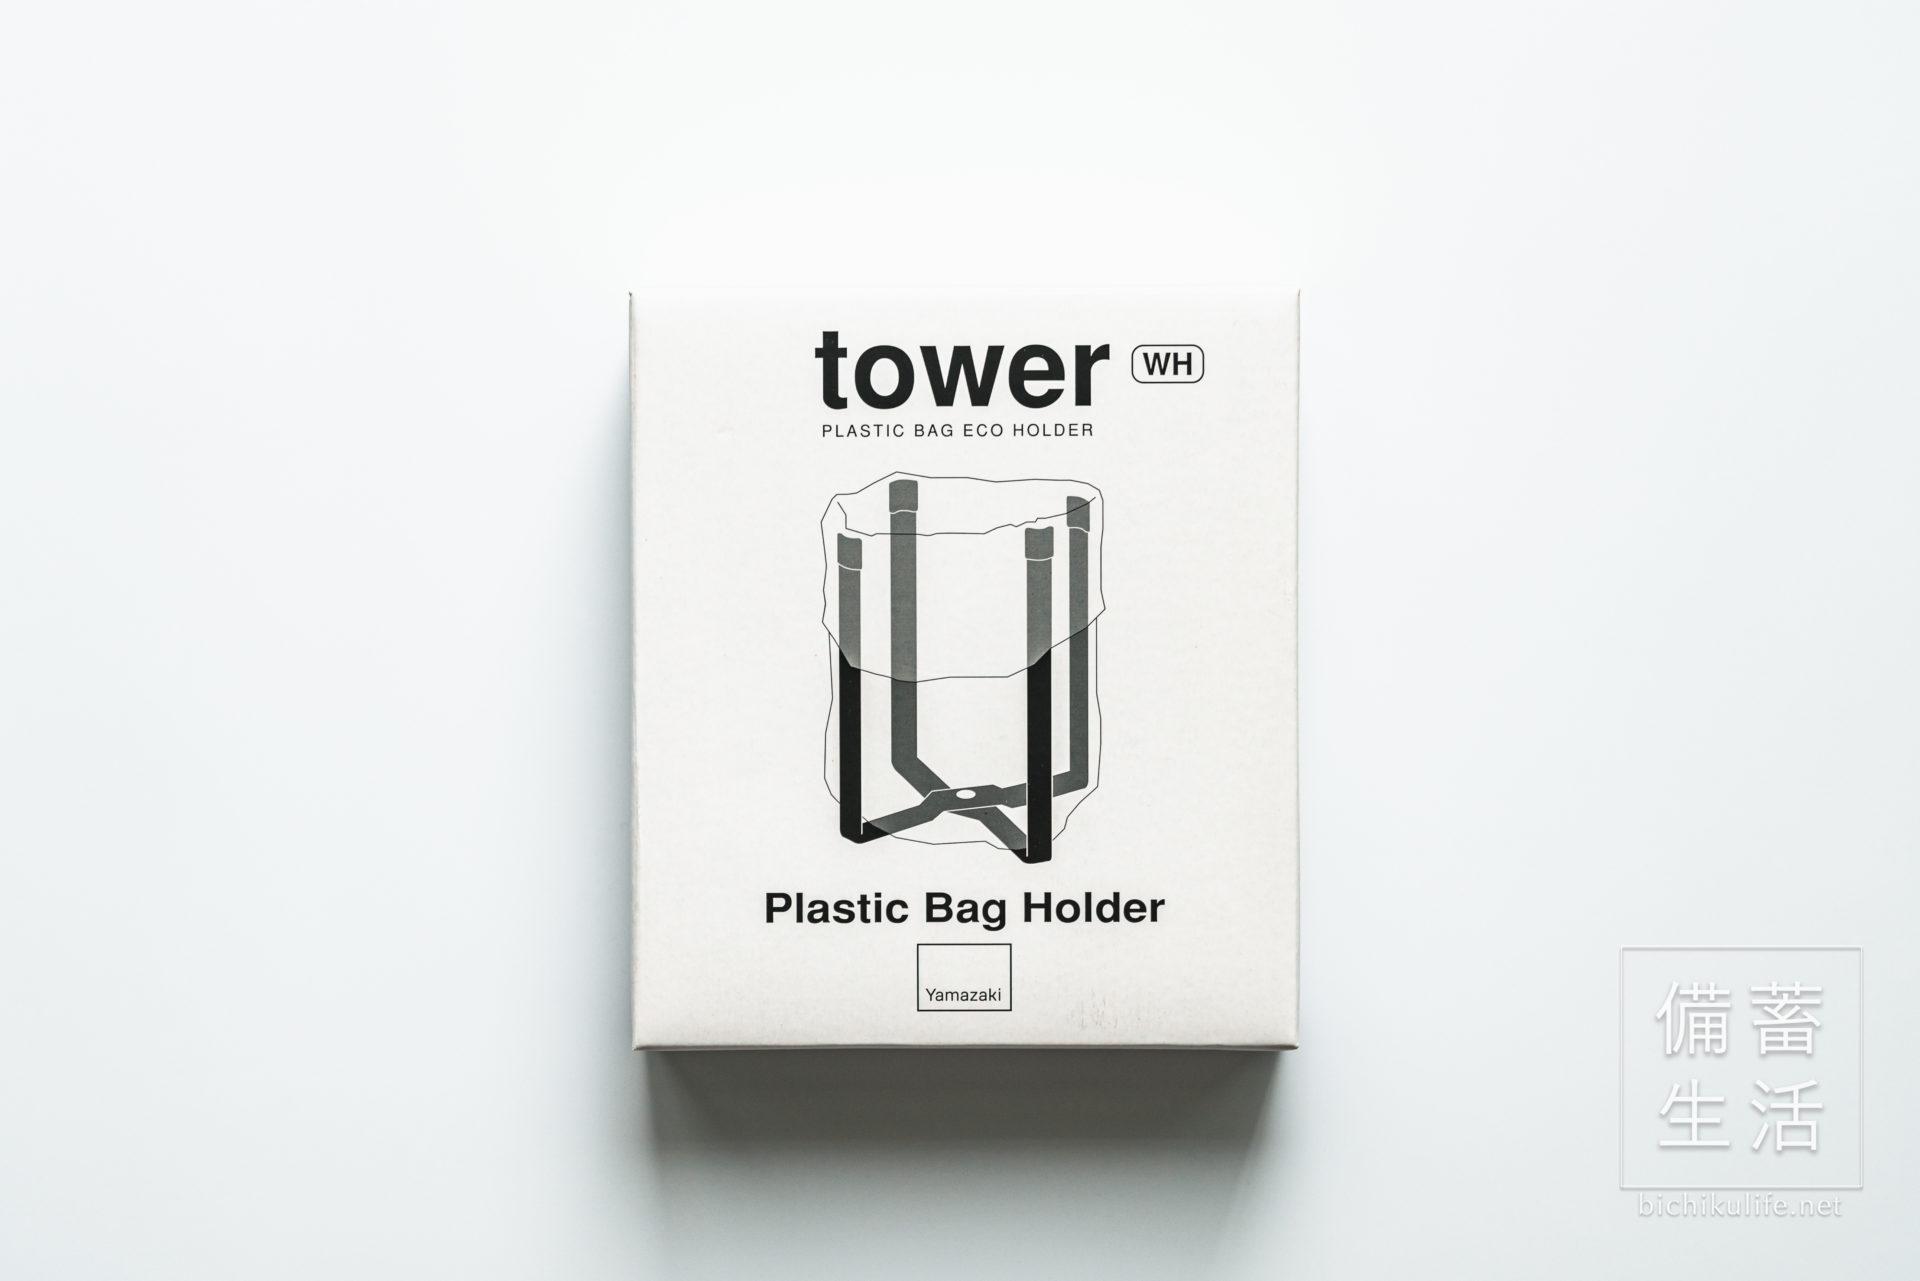 山崎実業 ポリ袋エコホルダー タワー